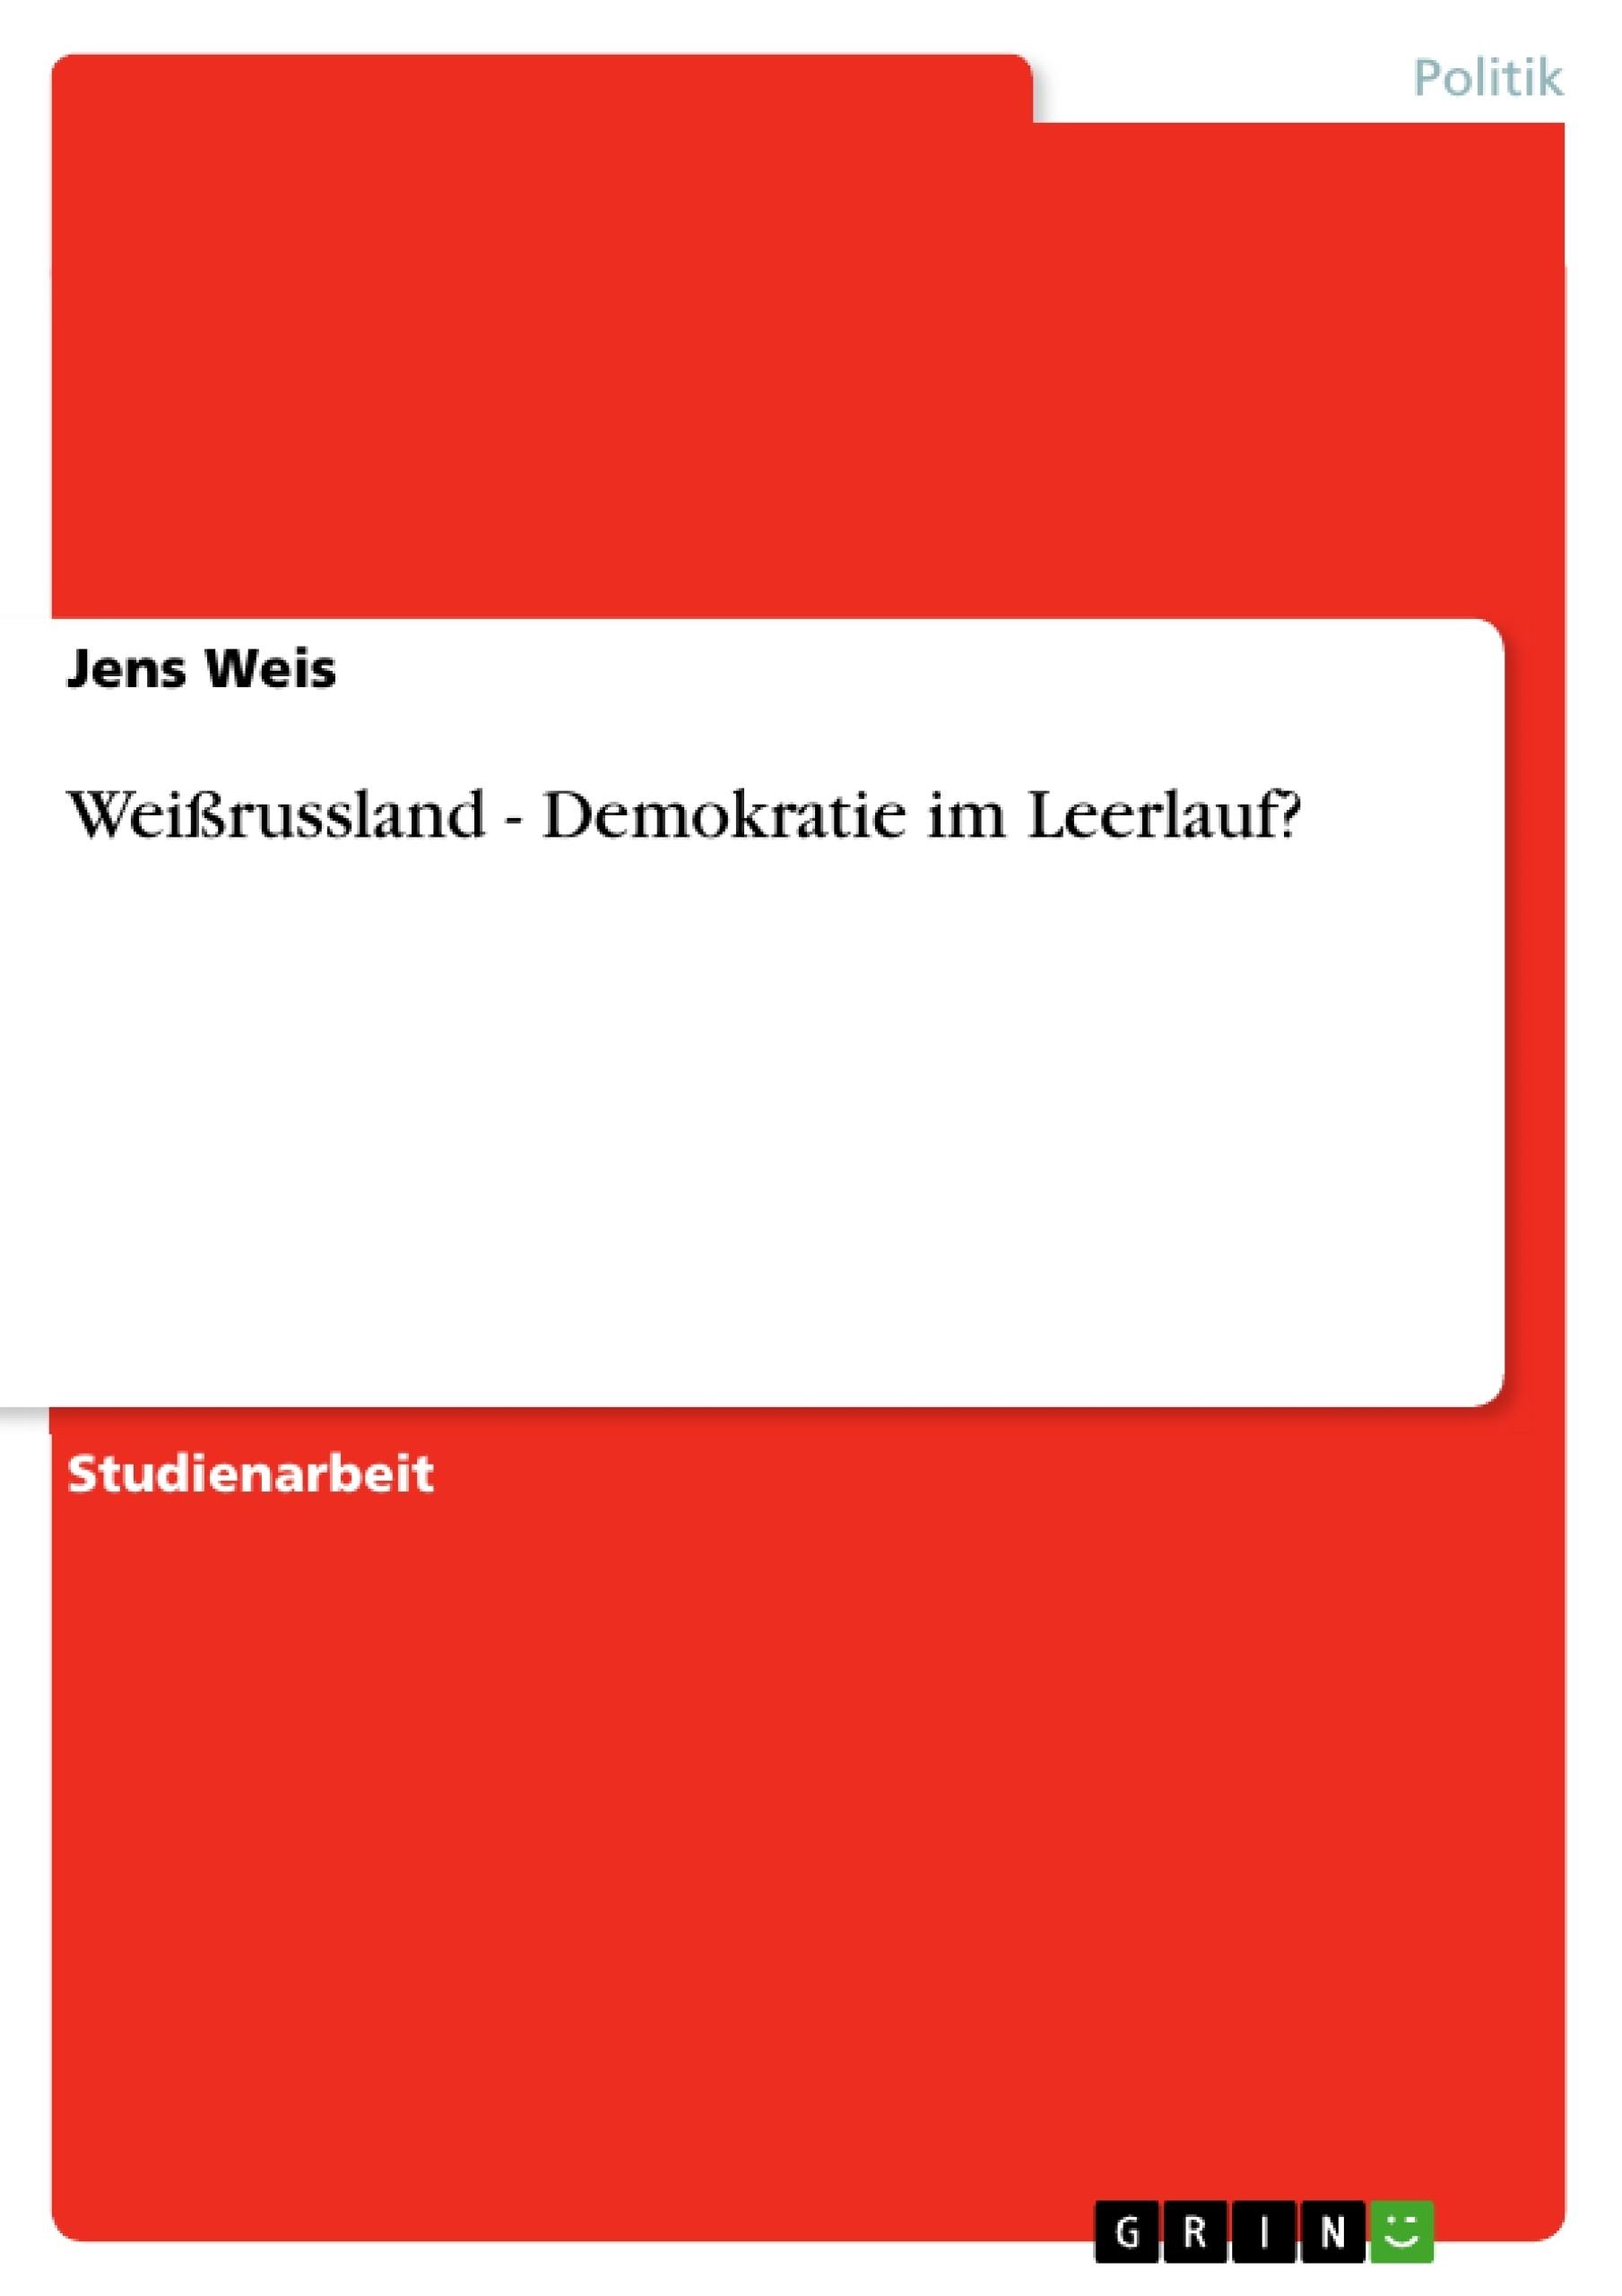 Titel: Weißrussland - Demokratie im Leerlauf?